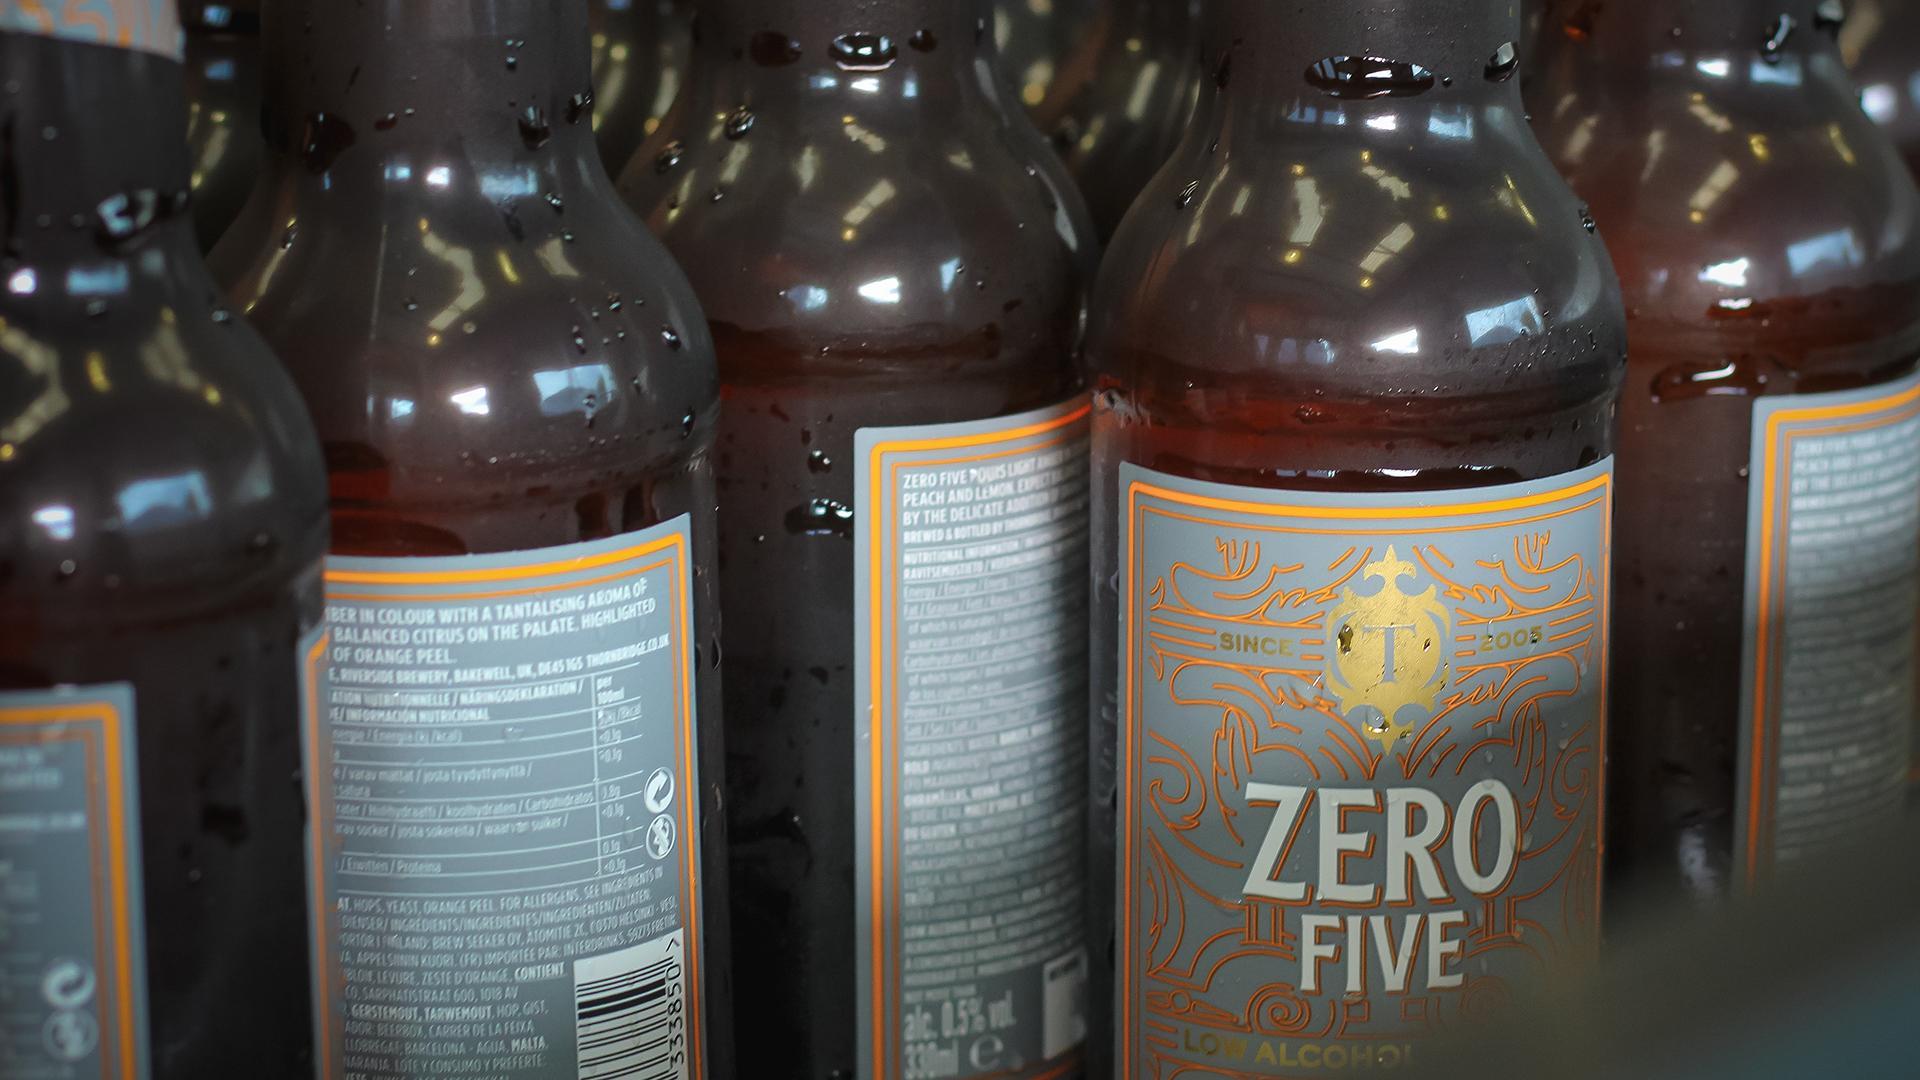 Non Alcoholic Beers London – Thornbridge Brewery's Zero Five – 0.5% ABV